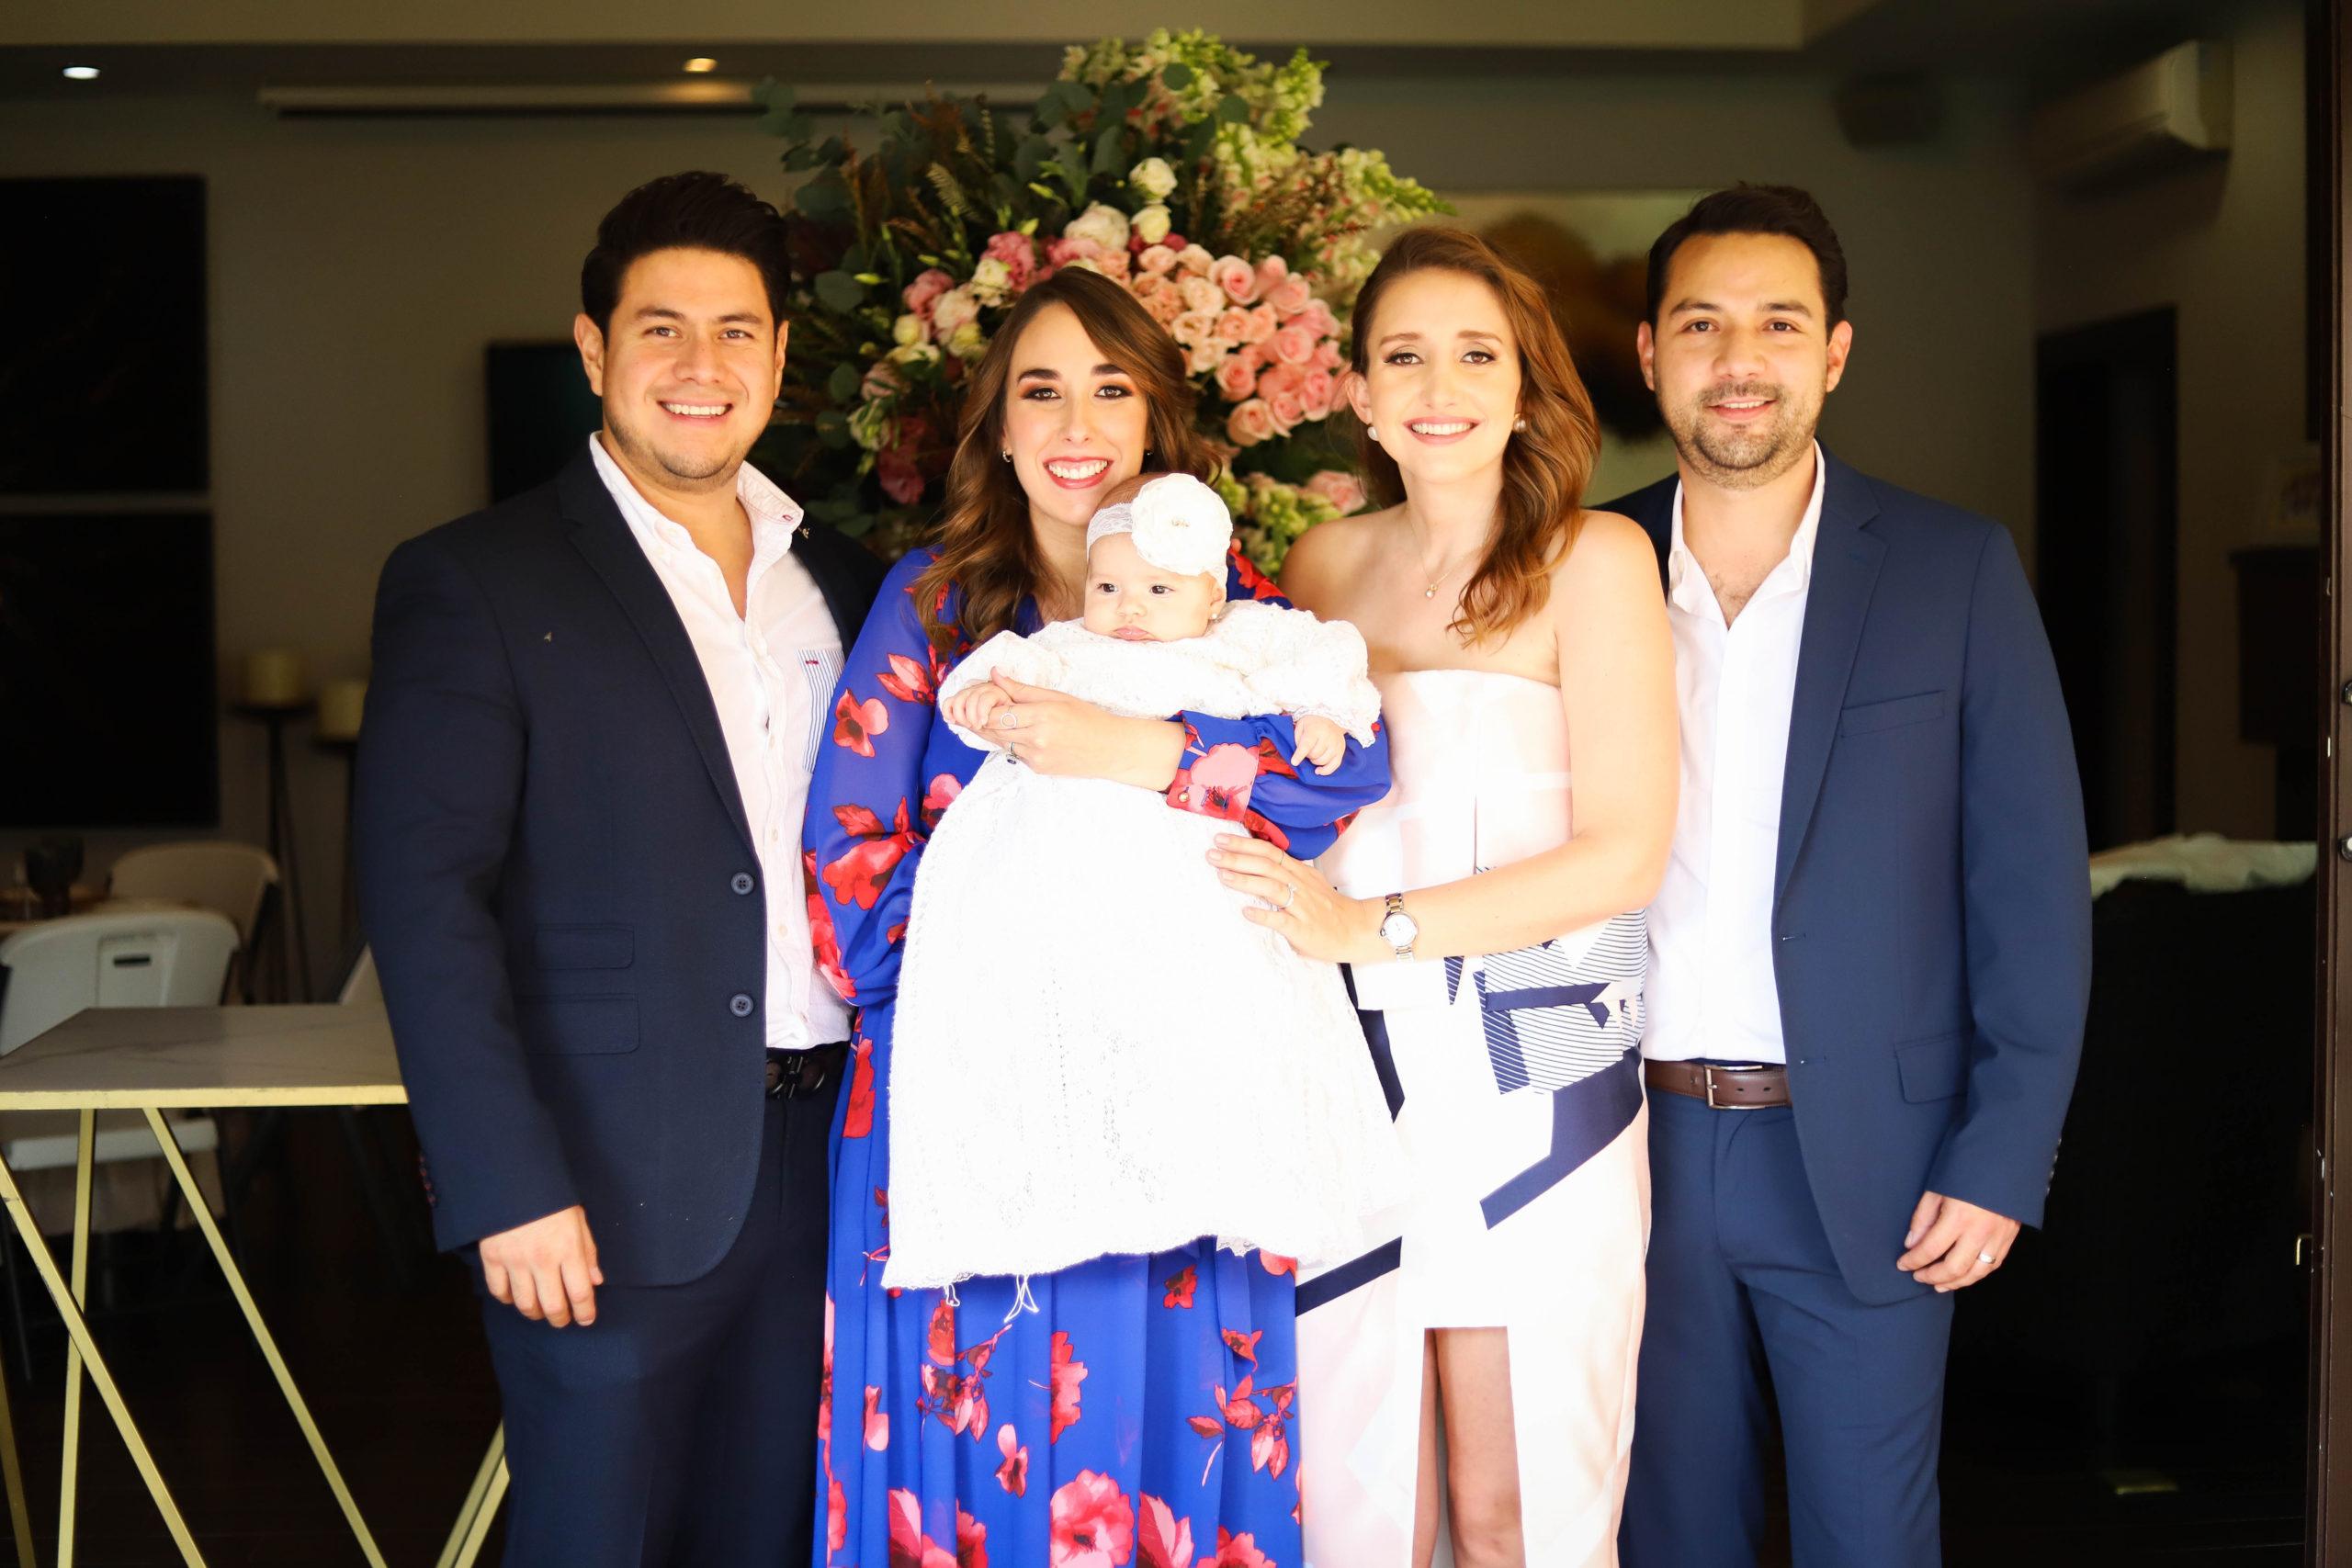 Loretta con sus papás y padrinos.